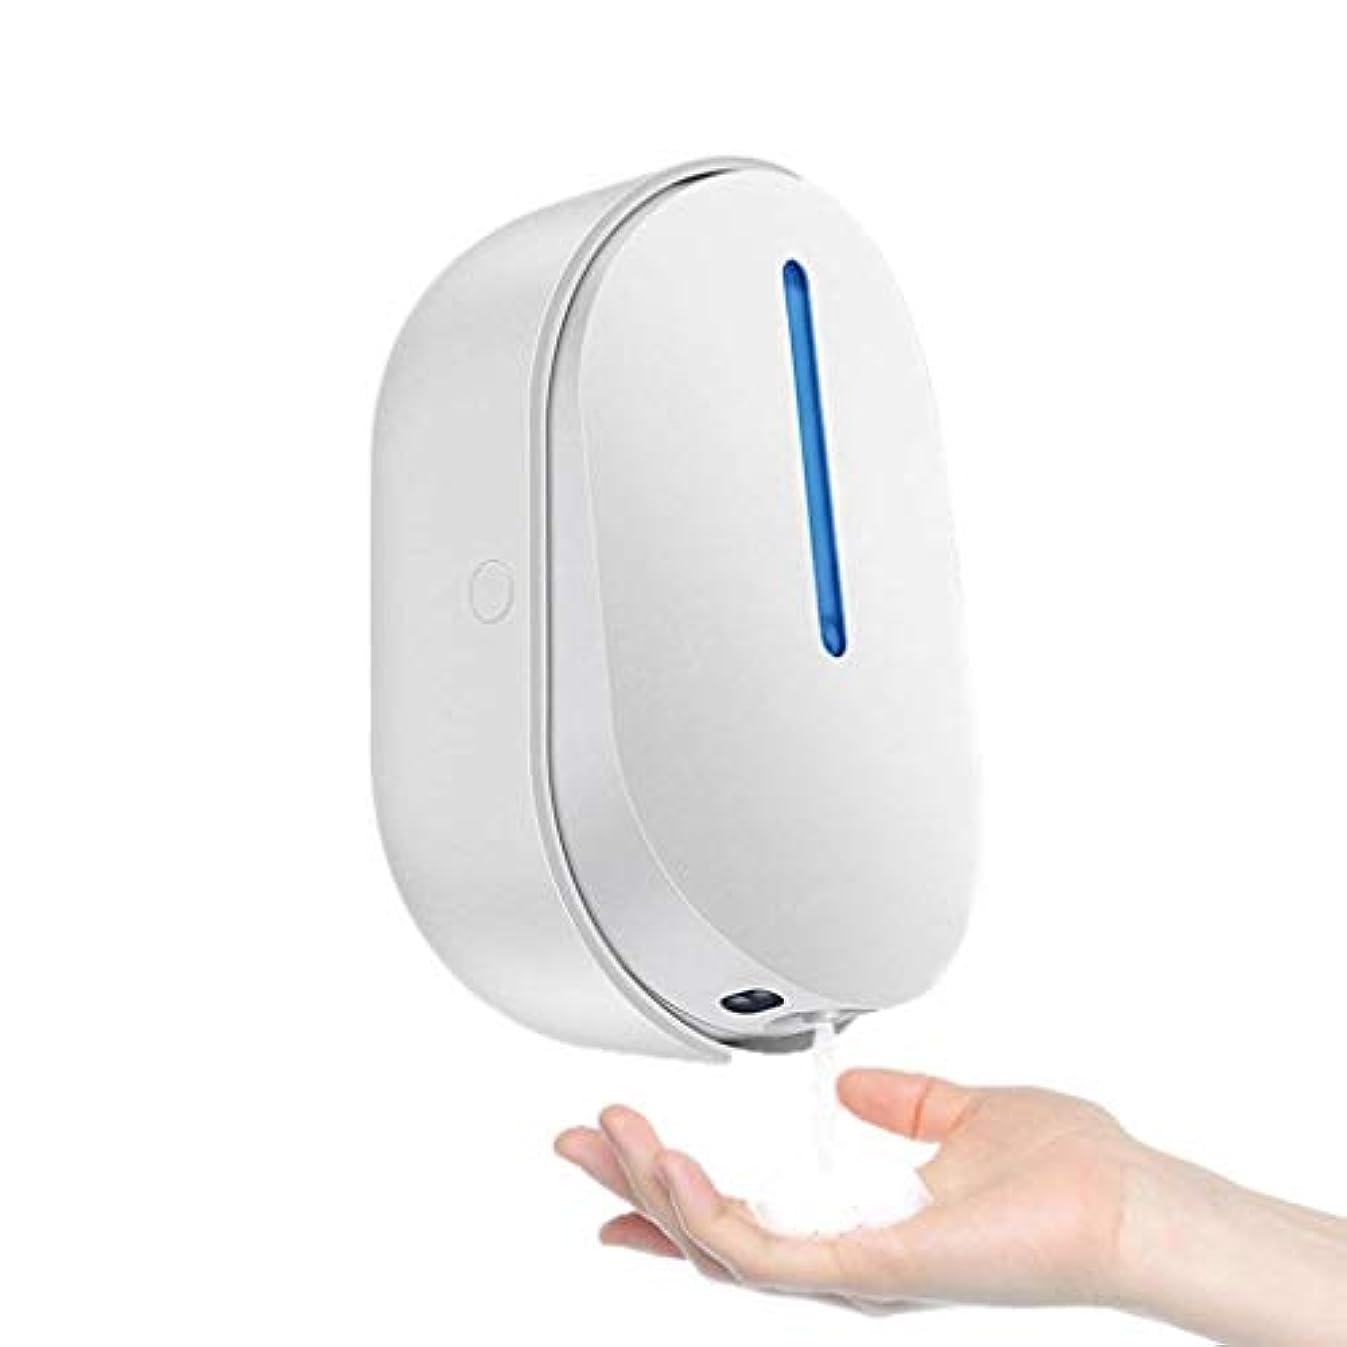 十代誰でもアナロジー壁掛け赤外線センサーエマルジョンディスペンサーキッチンバスルームブラケットハンドソープ充電式バッテリー泡洗浄携帯電話ローション (Color : Silver, Size : 18*12.2*8.5cm)